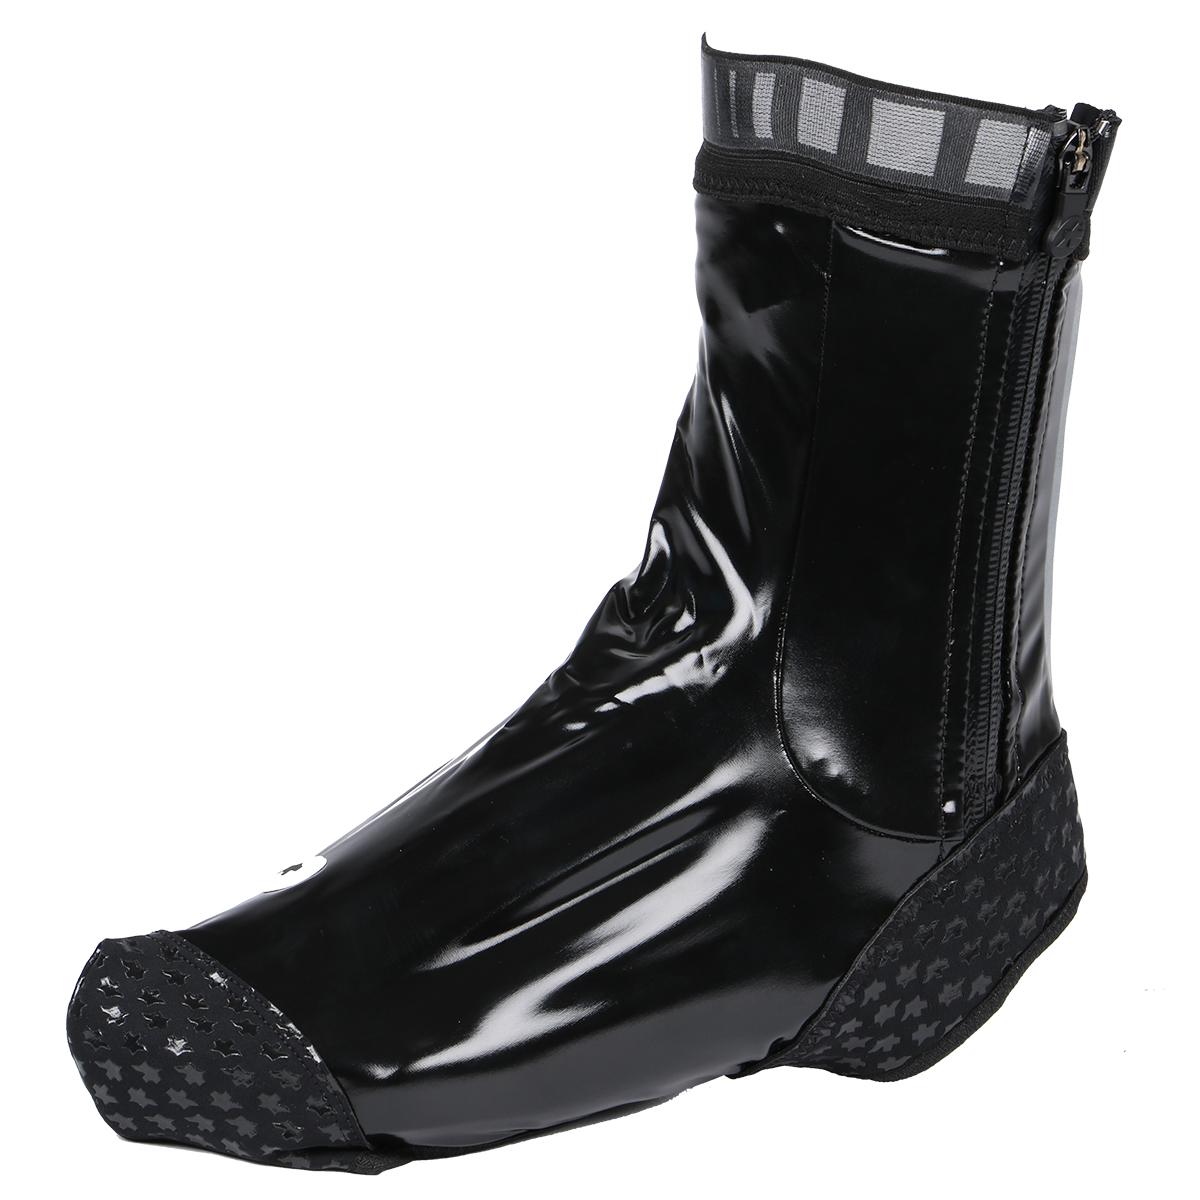 Assos Rain Bootie Overshoes